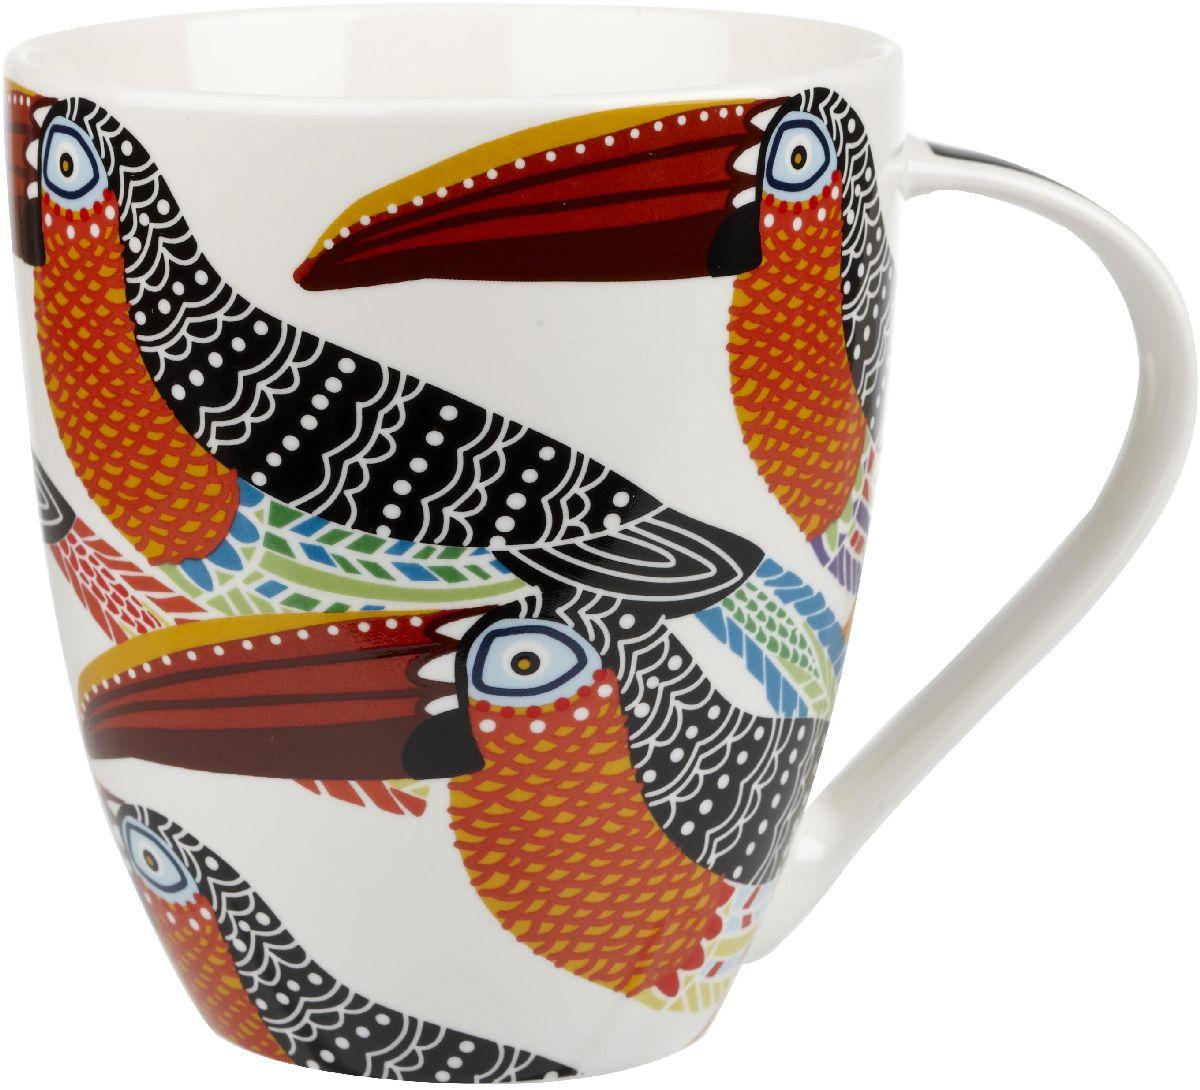 Кружка Churchill Туканы, 500 млPARB00061Коллекция Кутюр использует эклектичное сочетание ярких цветов, чтобы создать самые модные узоры на посуде.